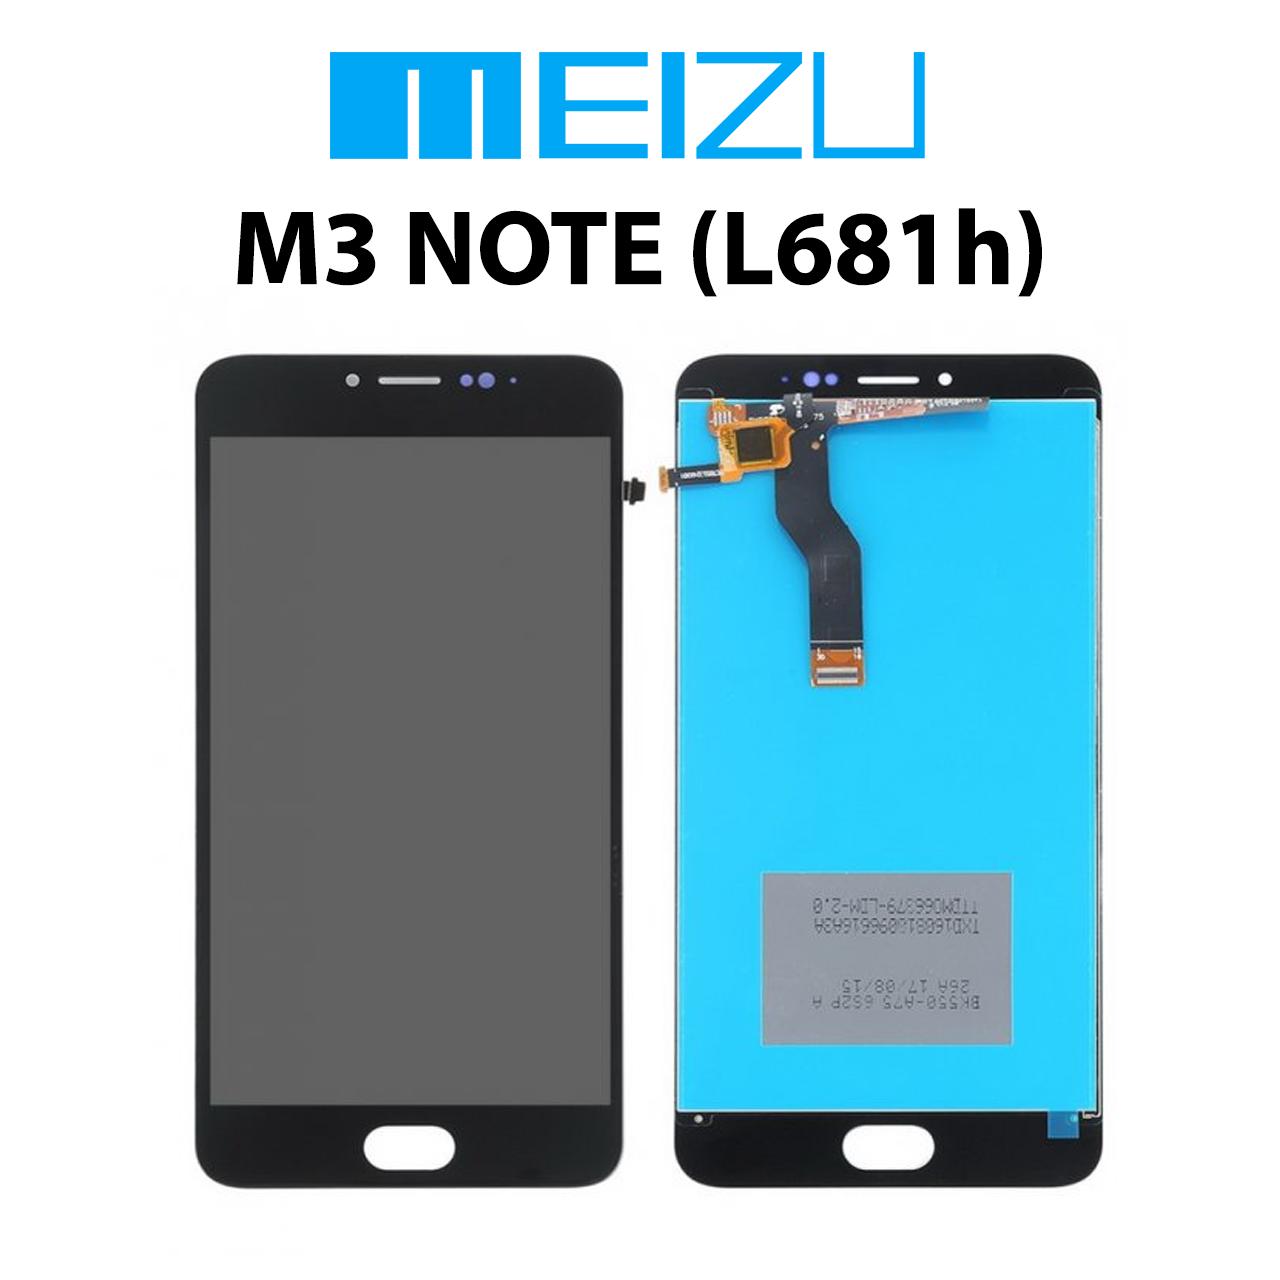 Дисплейный модуль TFT Meizu M3 Note (версия L681h) черный, дисплей/экран + тачскрин/сенсор мейзу м3 нот/ноут